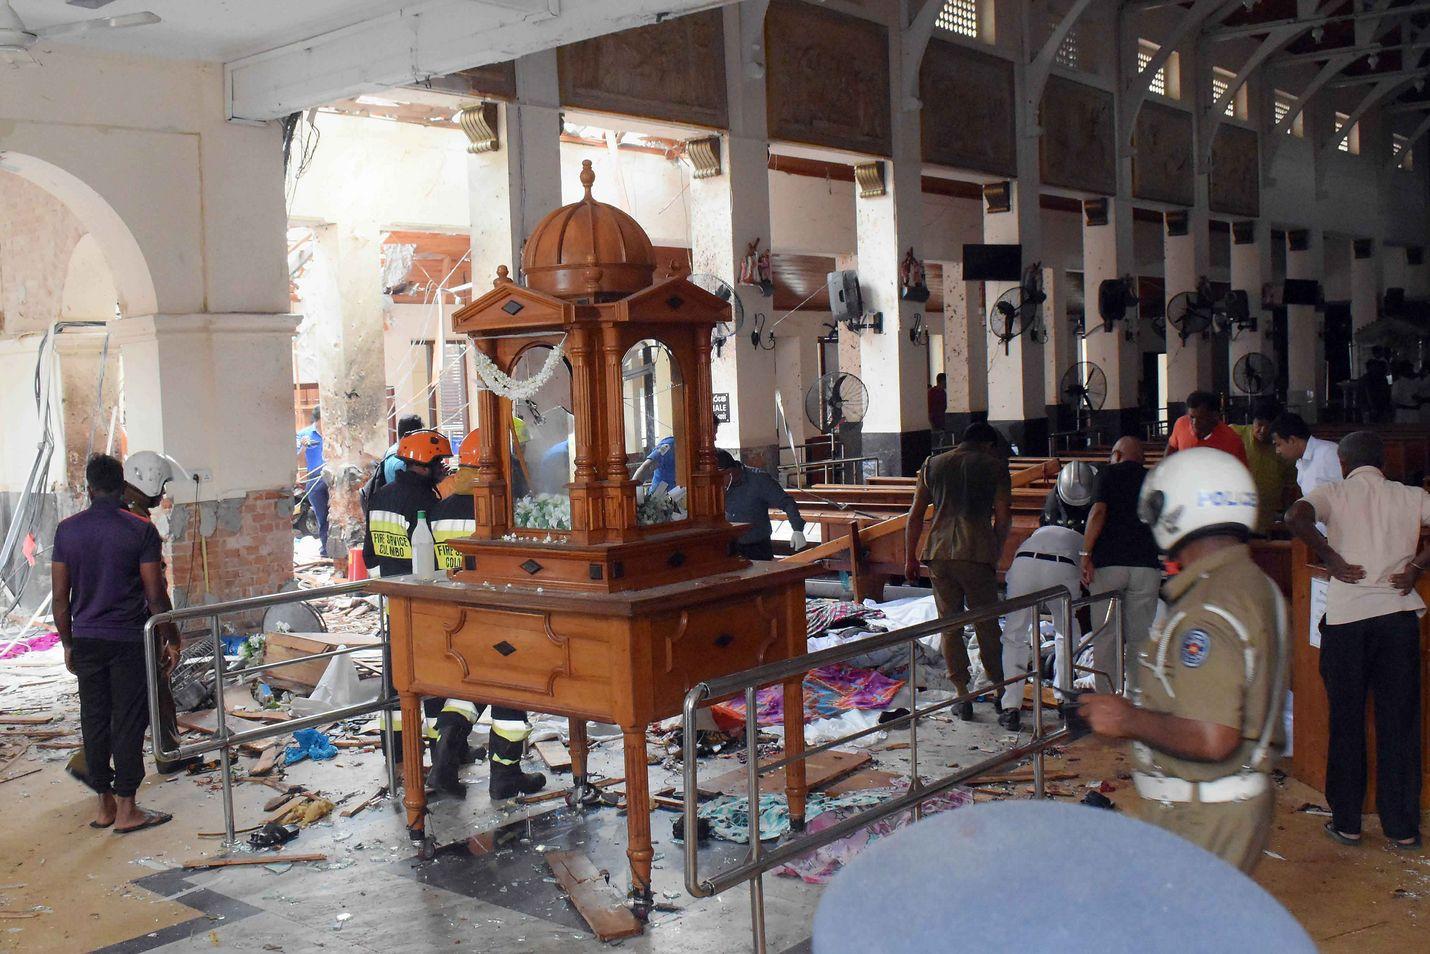 Poliisi jatkaa tutkintoja sunnuntain räjähdyspaikoilla. 24 henkilöä on pidätetty. Sri Lankan hallituksen mukaan iskut teki terroristijärjestö NTJ:n eli National thowheeth jama'ath, jota tukee hallituksen epäilyiden mukaan kansainvälinen verkosto.